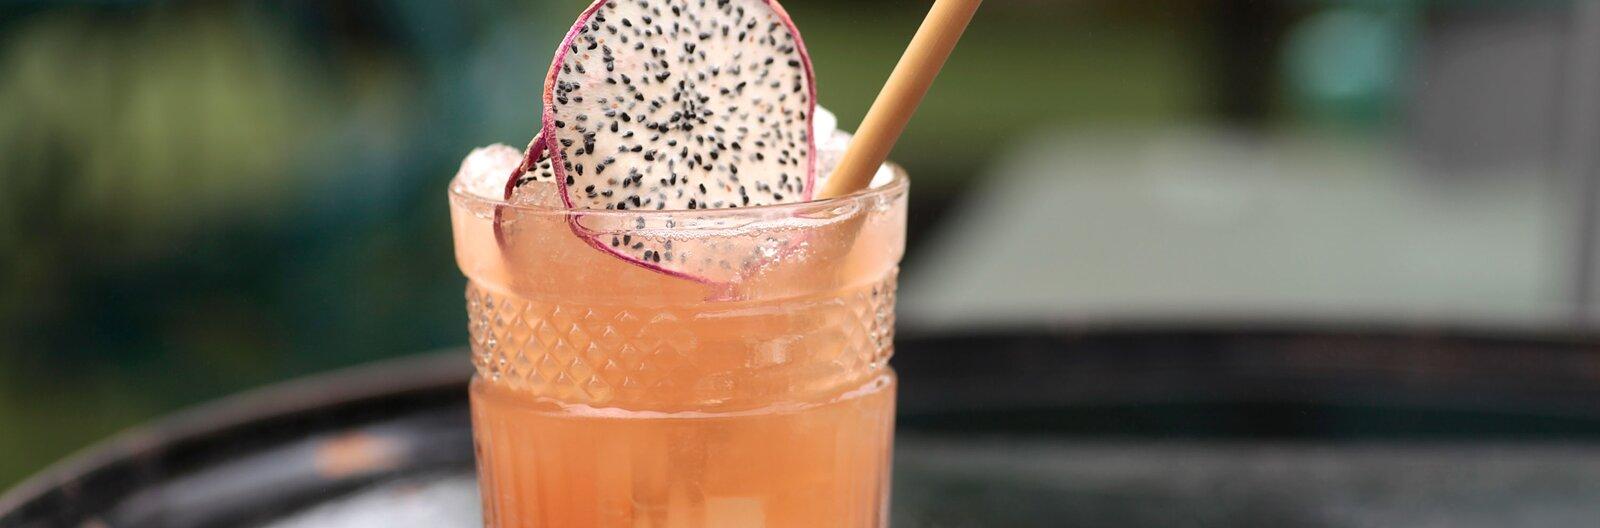 A klasszikus limonádén túl – a 10 legjobb hűsítő ital kánikulára Budapesten